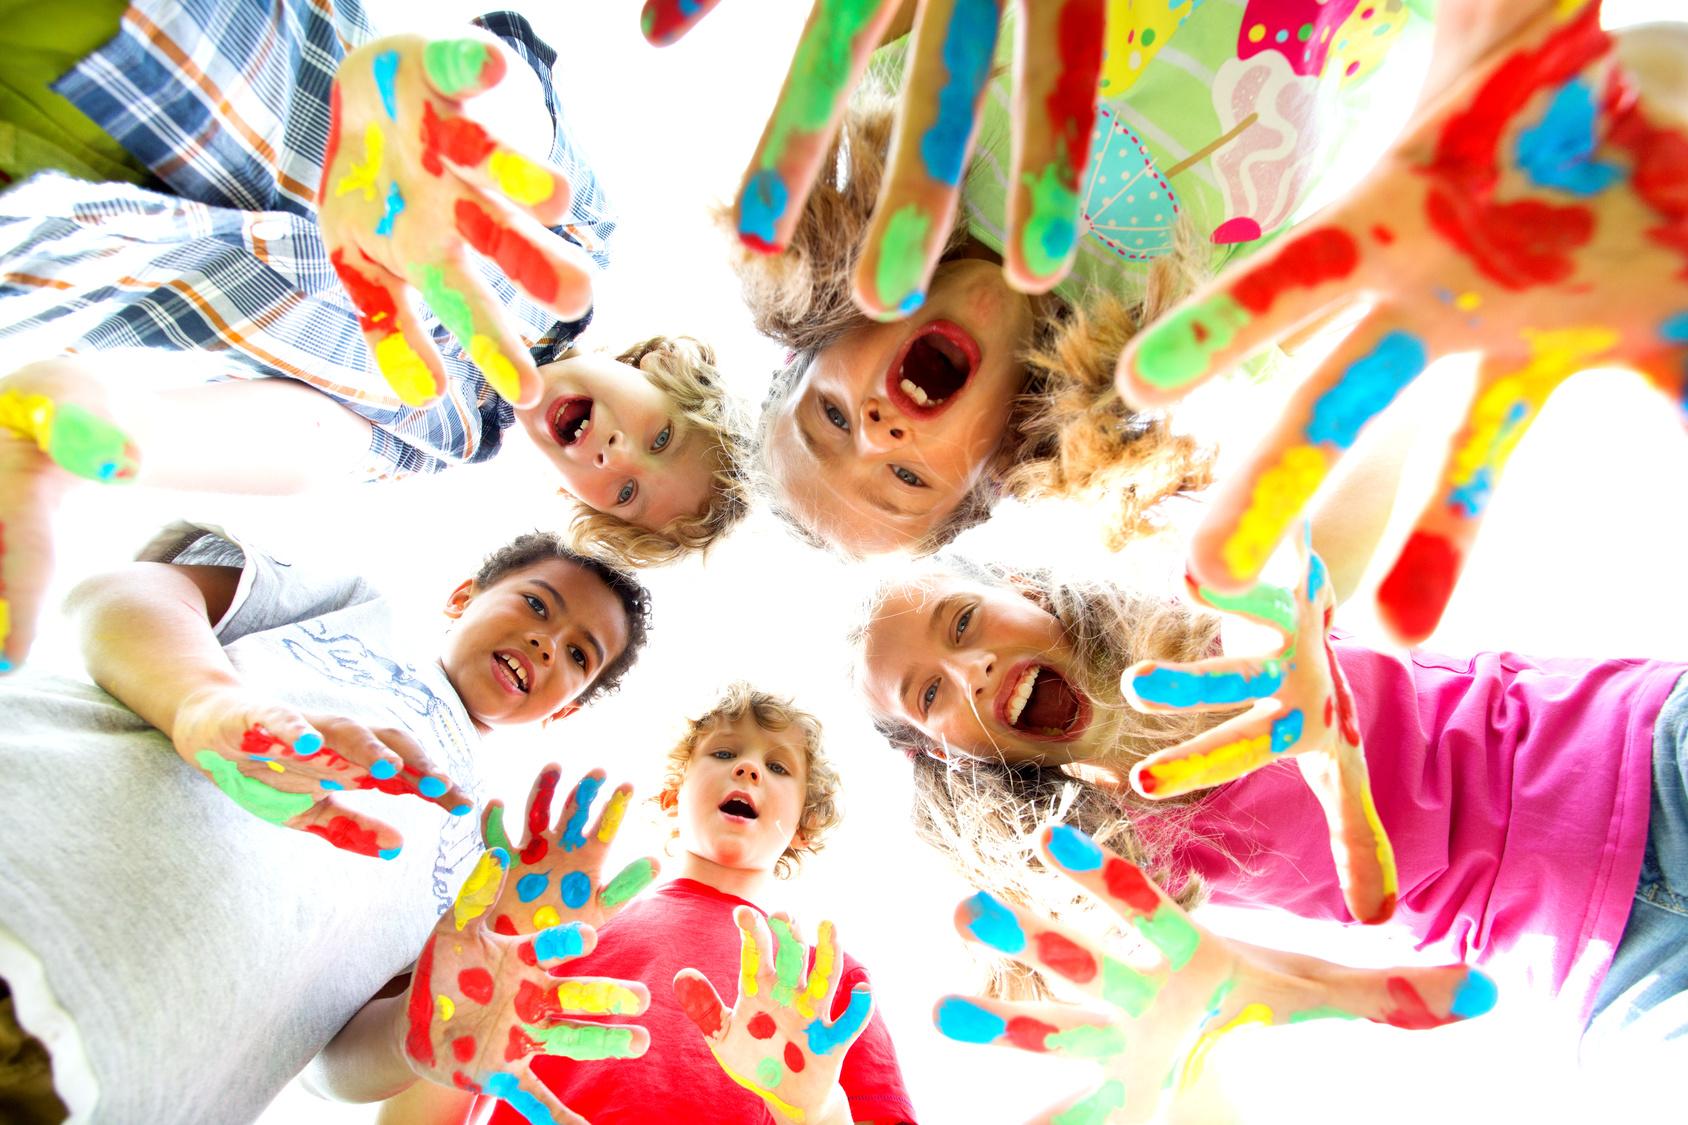 Dzieci z ubrudzonymi farbami rękami